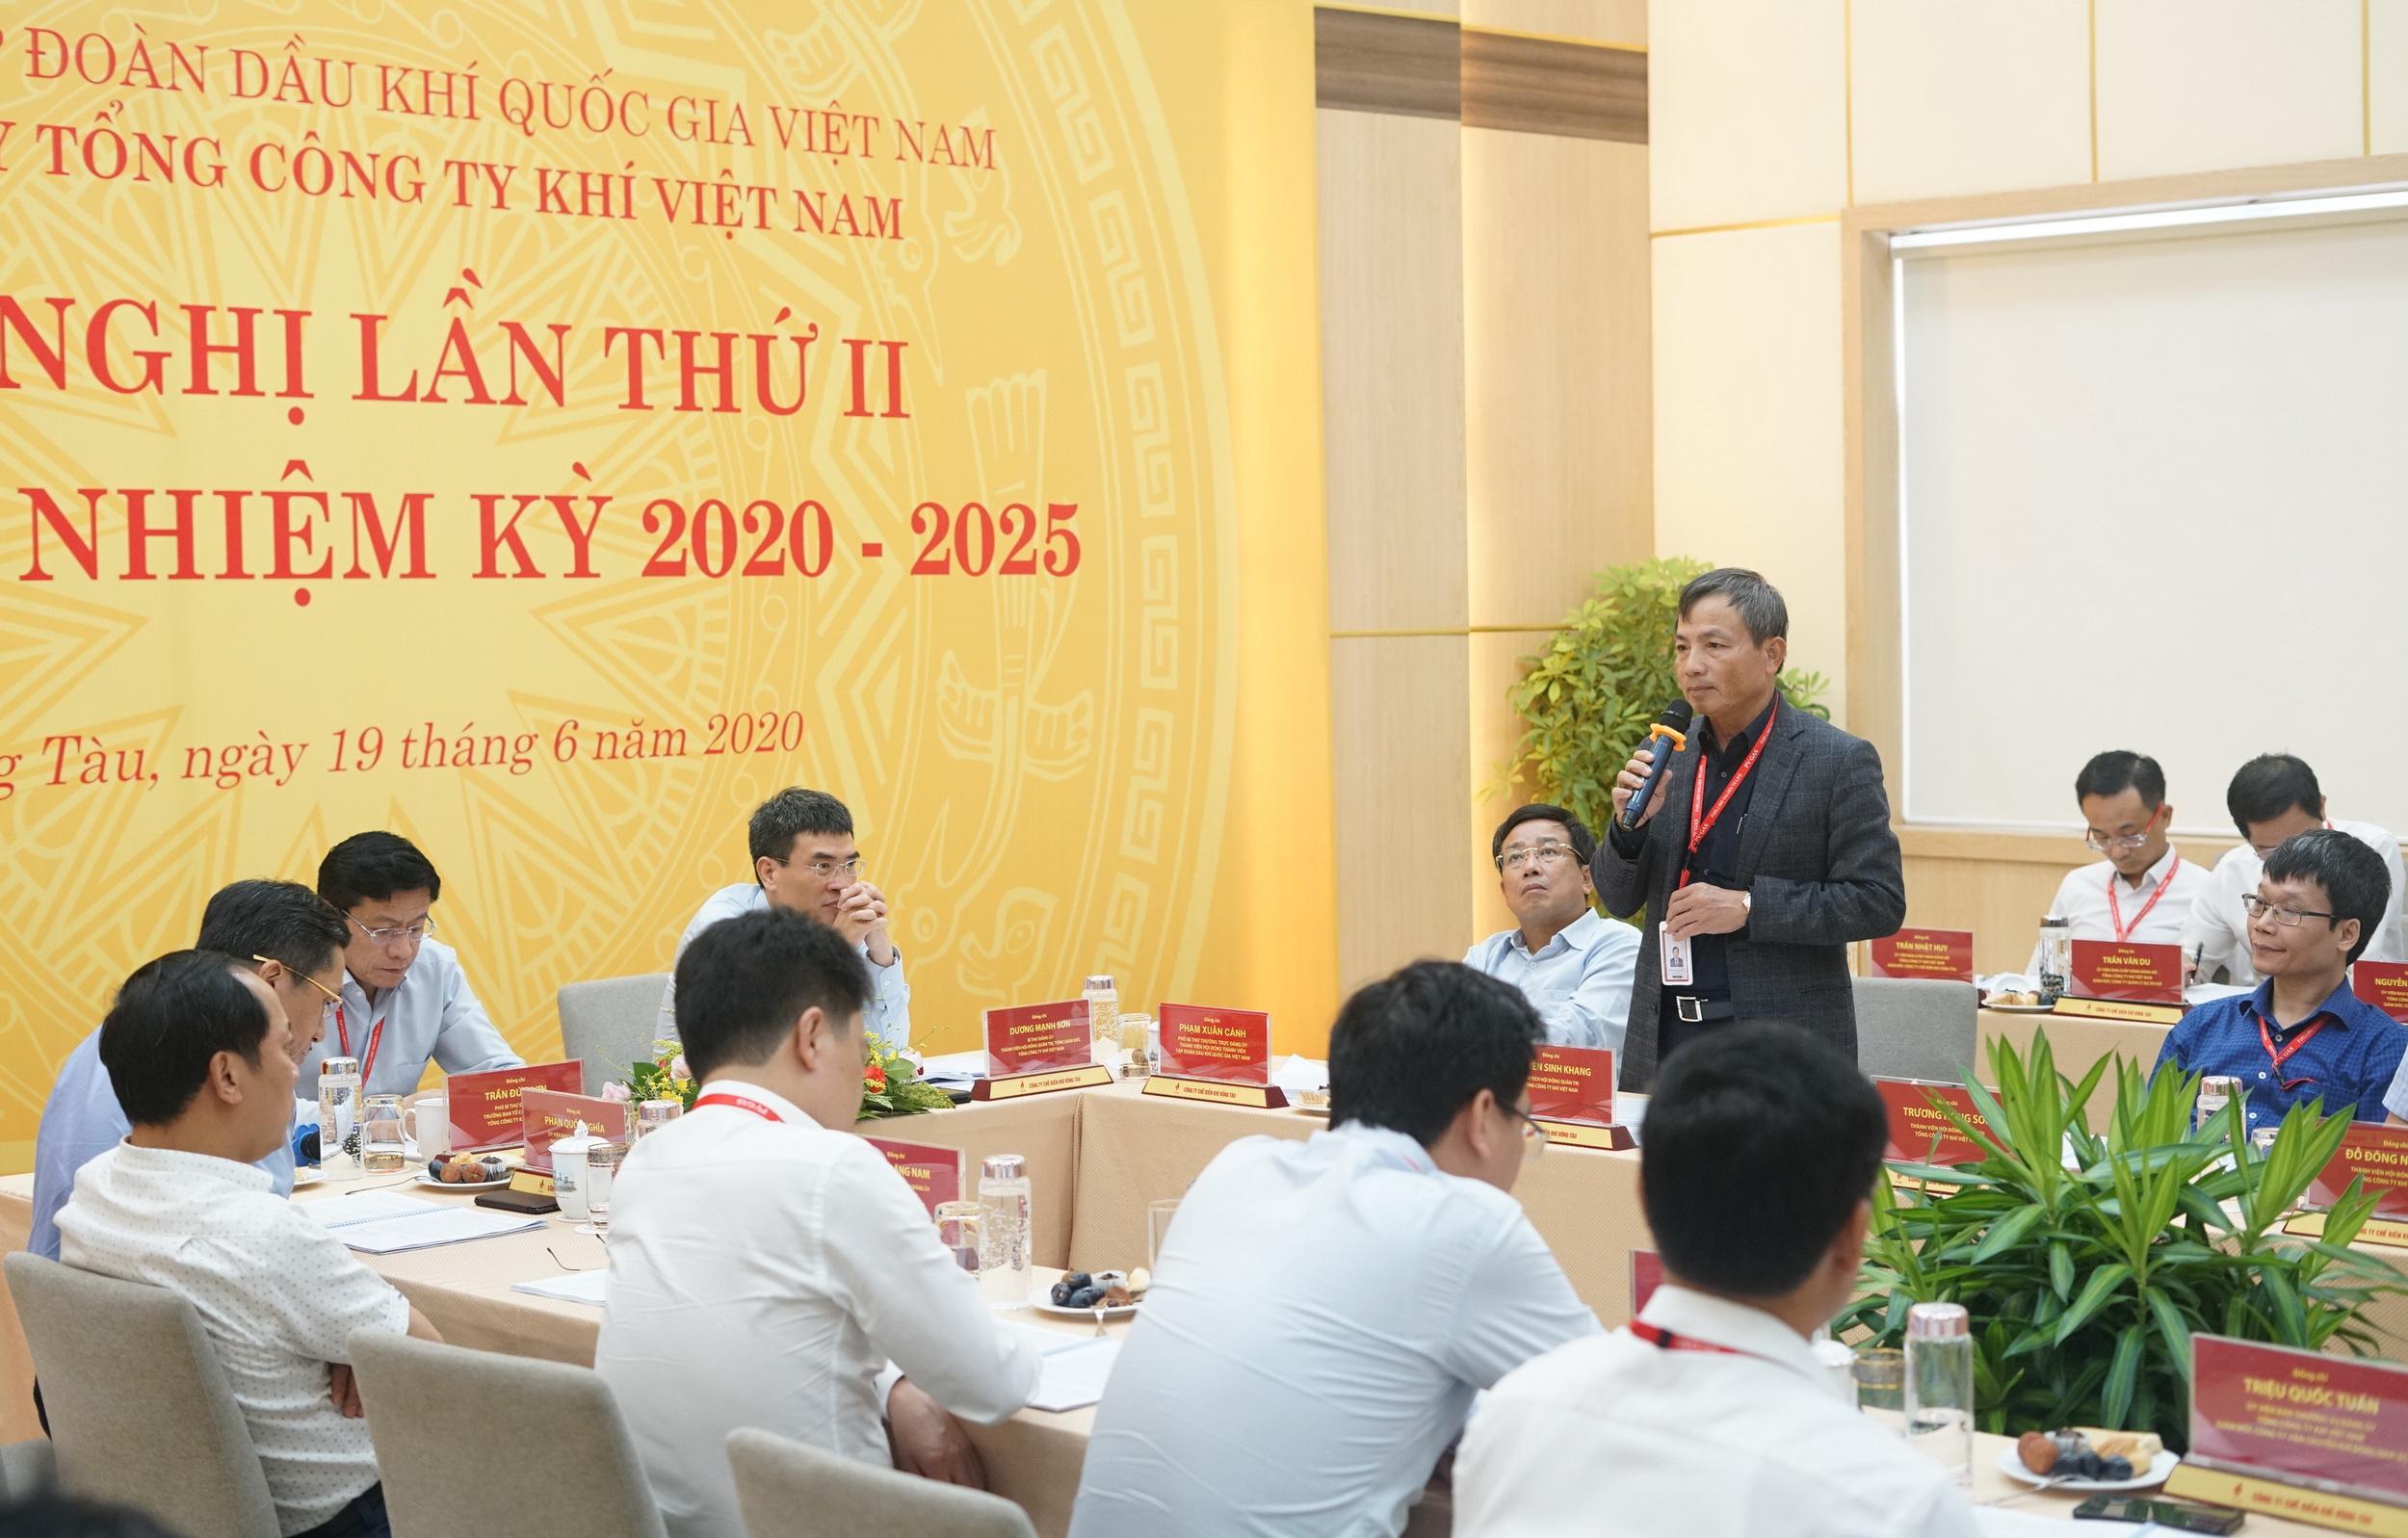 Chủ tịch HĐQT PV GAS Nguyễn Sinh Khang phát biểu